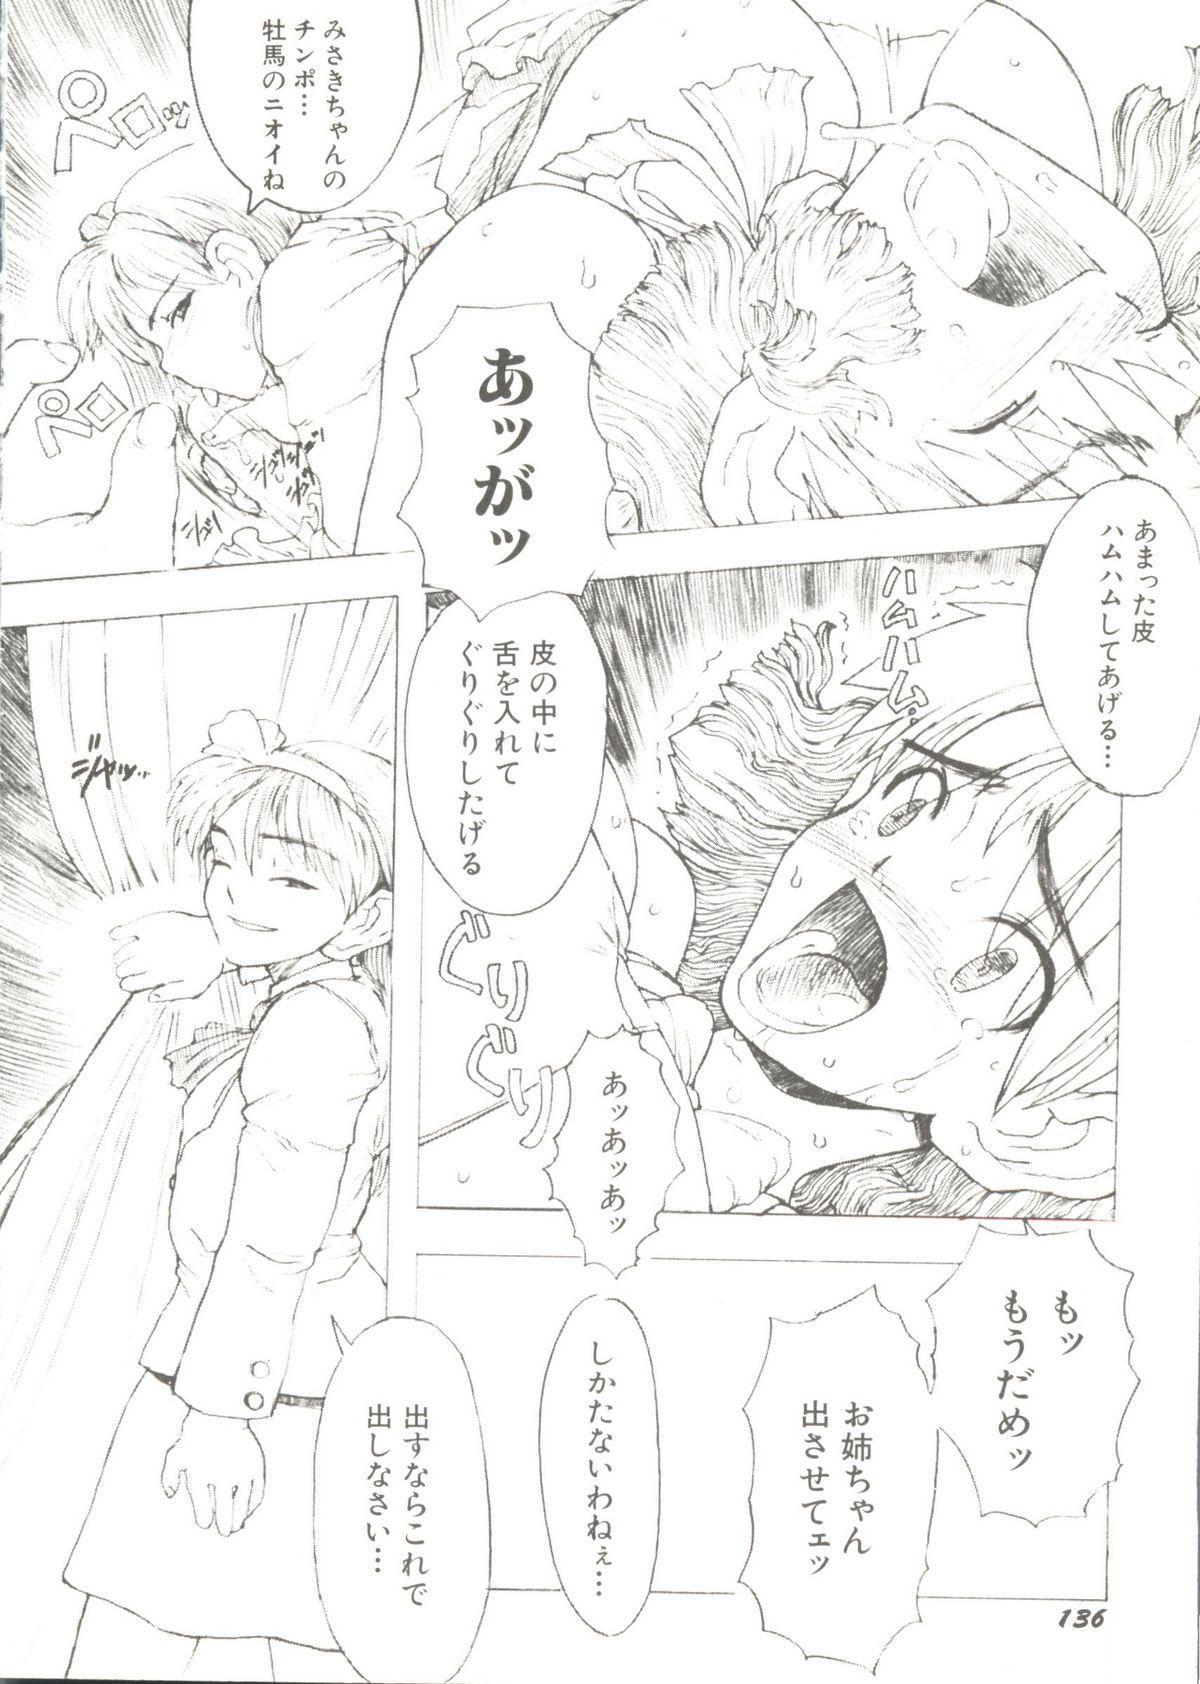 Denei Tamate Bako Bishoujo Doujinshi Anthology Vol. 2 - Nishinhou no Tenshi 133